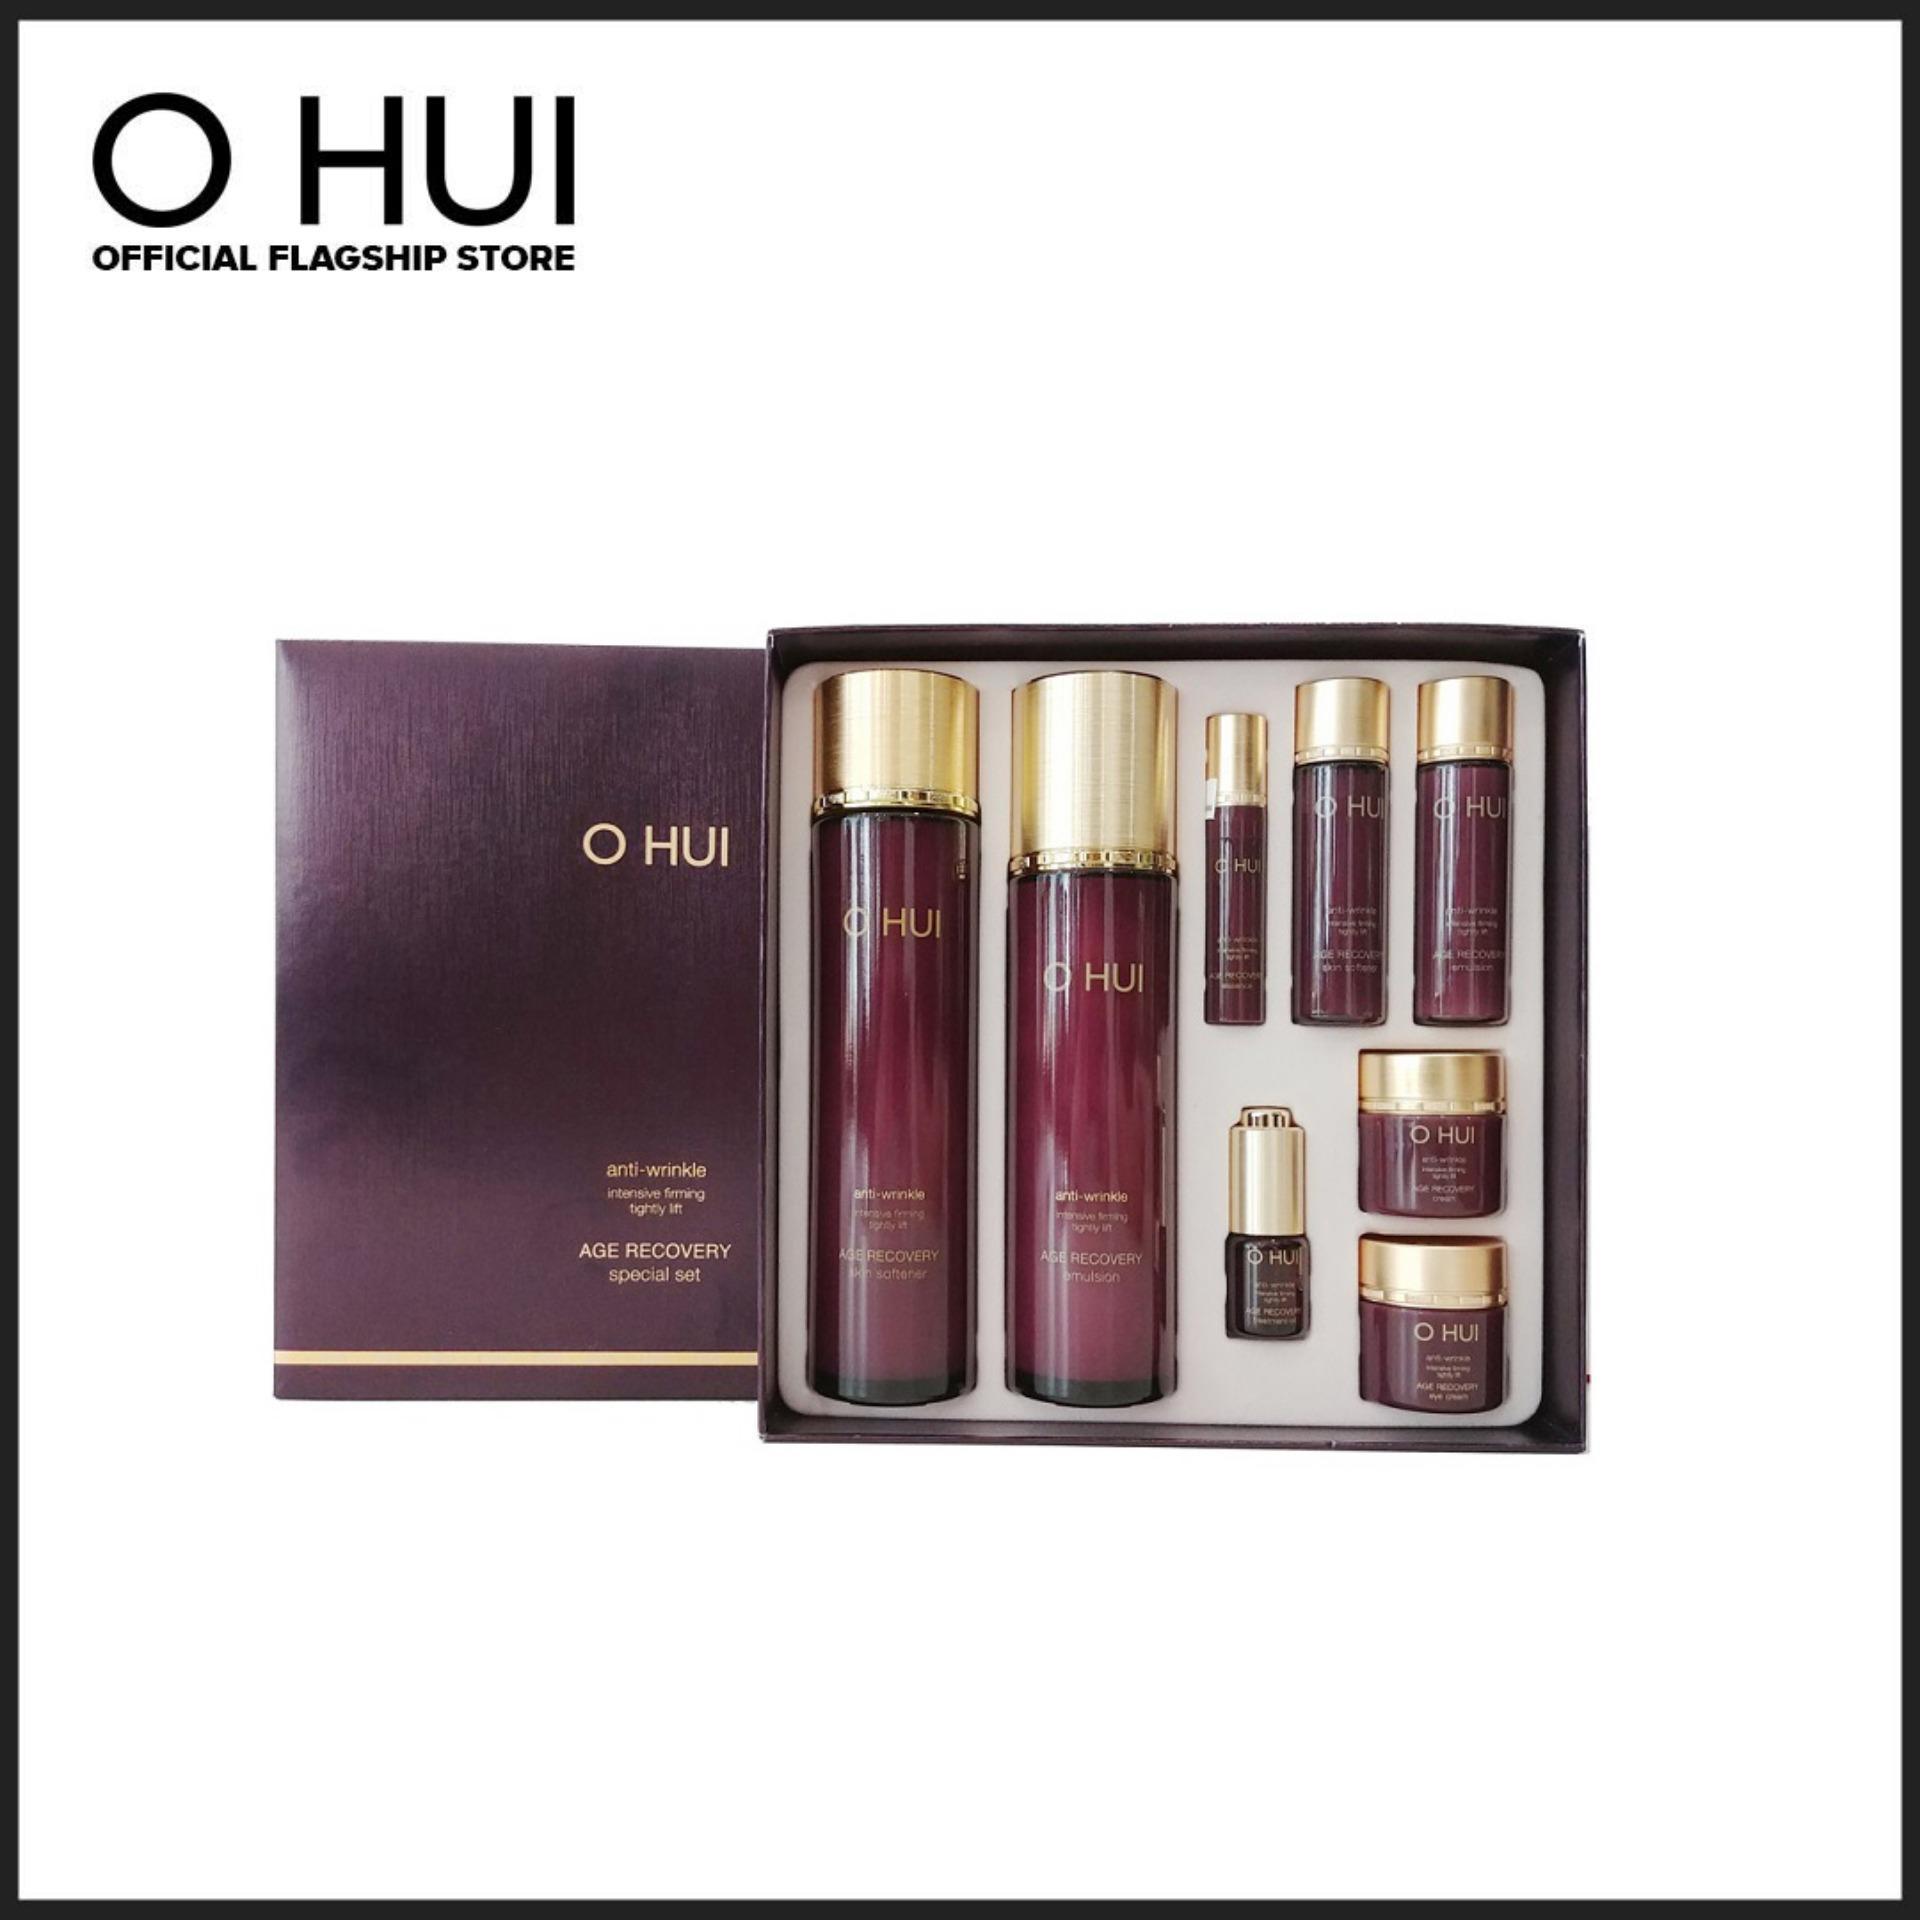 Bộ chống lão hoá 8 món OHUI Age Recovery 8pcs Special Set 340ml